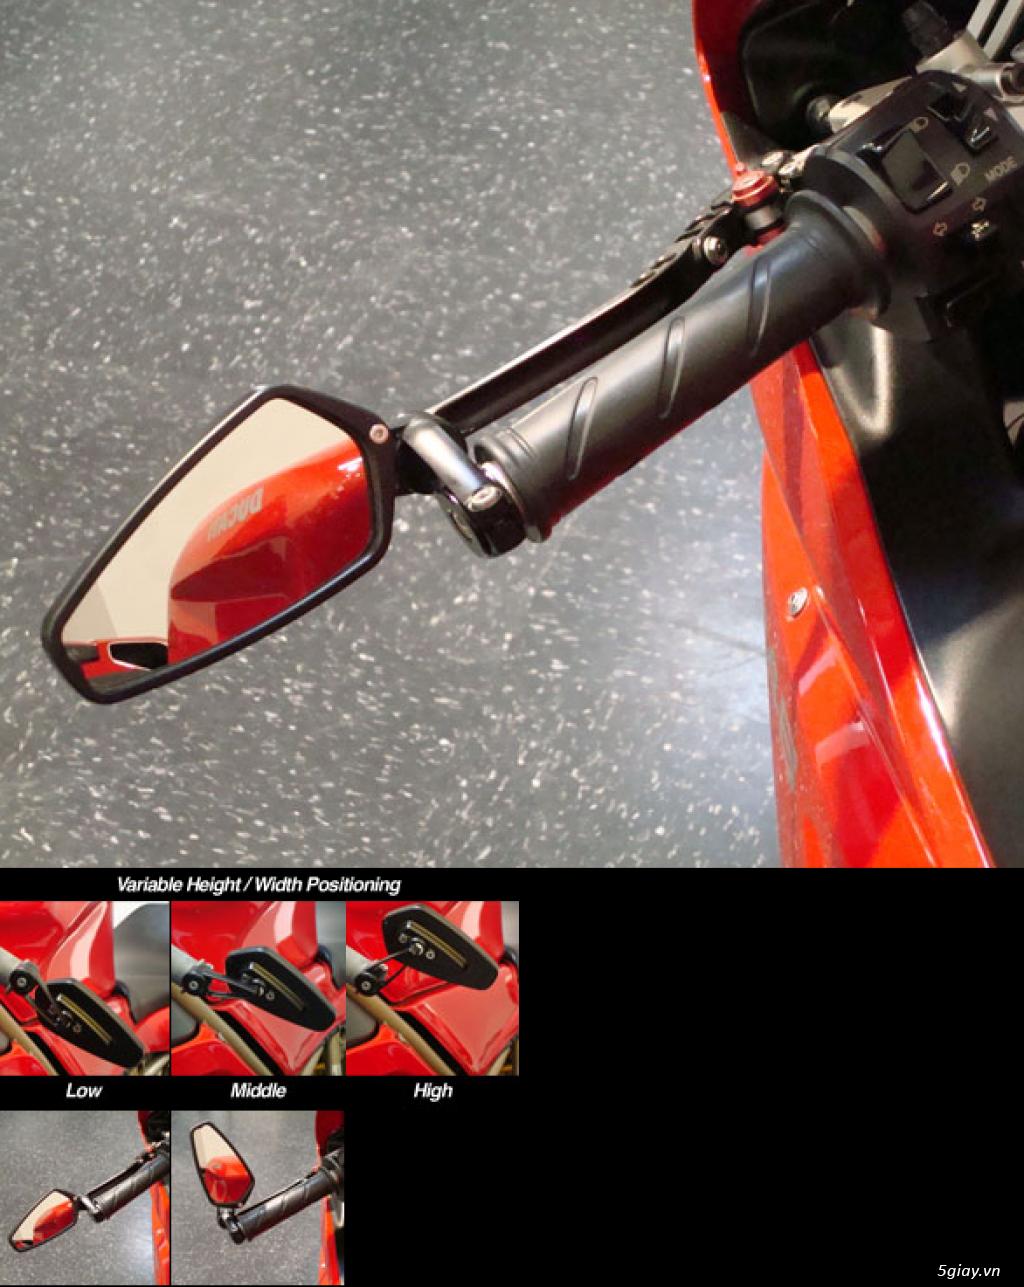 Chuyên Phụ Kiện Moto CRG Chính Hãng USA Giá Rẻ - 24